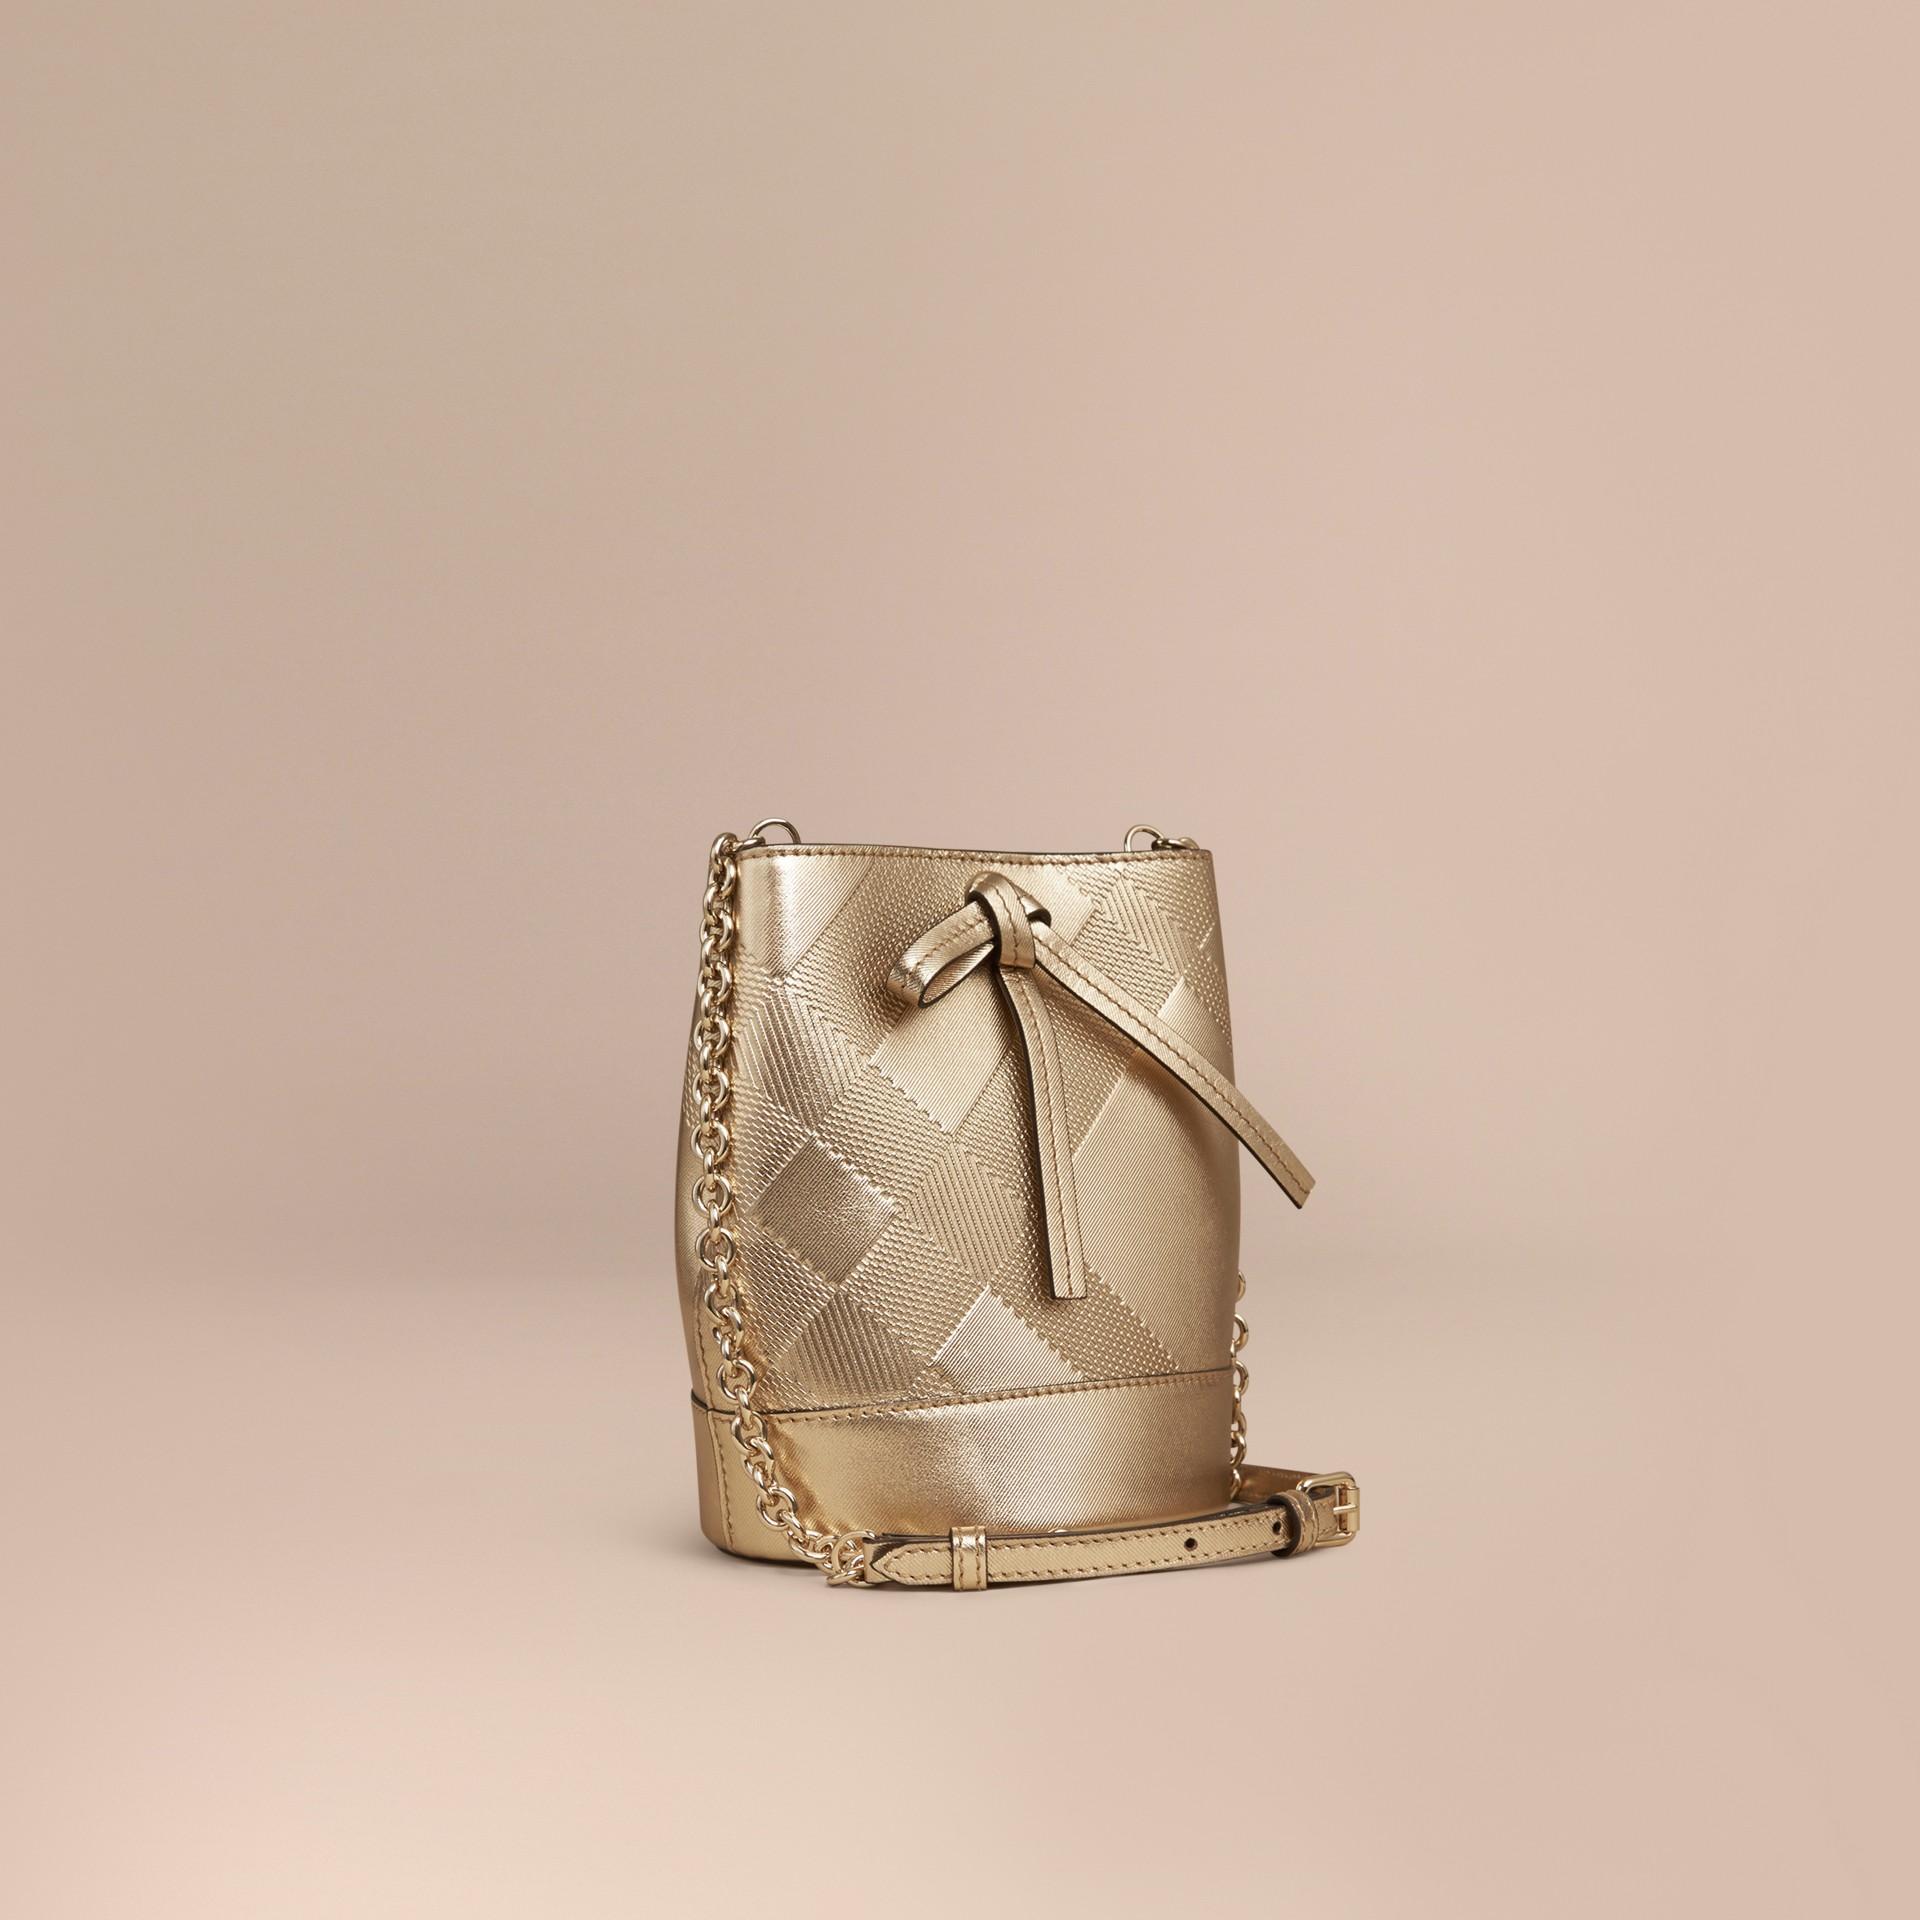 Dourado Bolsa The Baby Bucket de couro com padrão xadrez em relevo - galeria de imagens 1